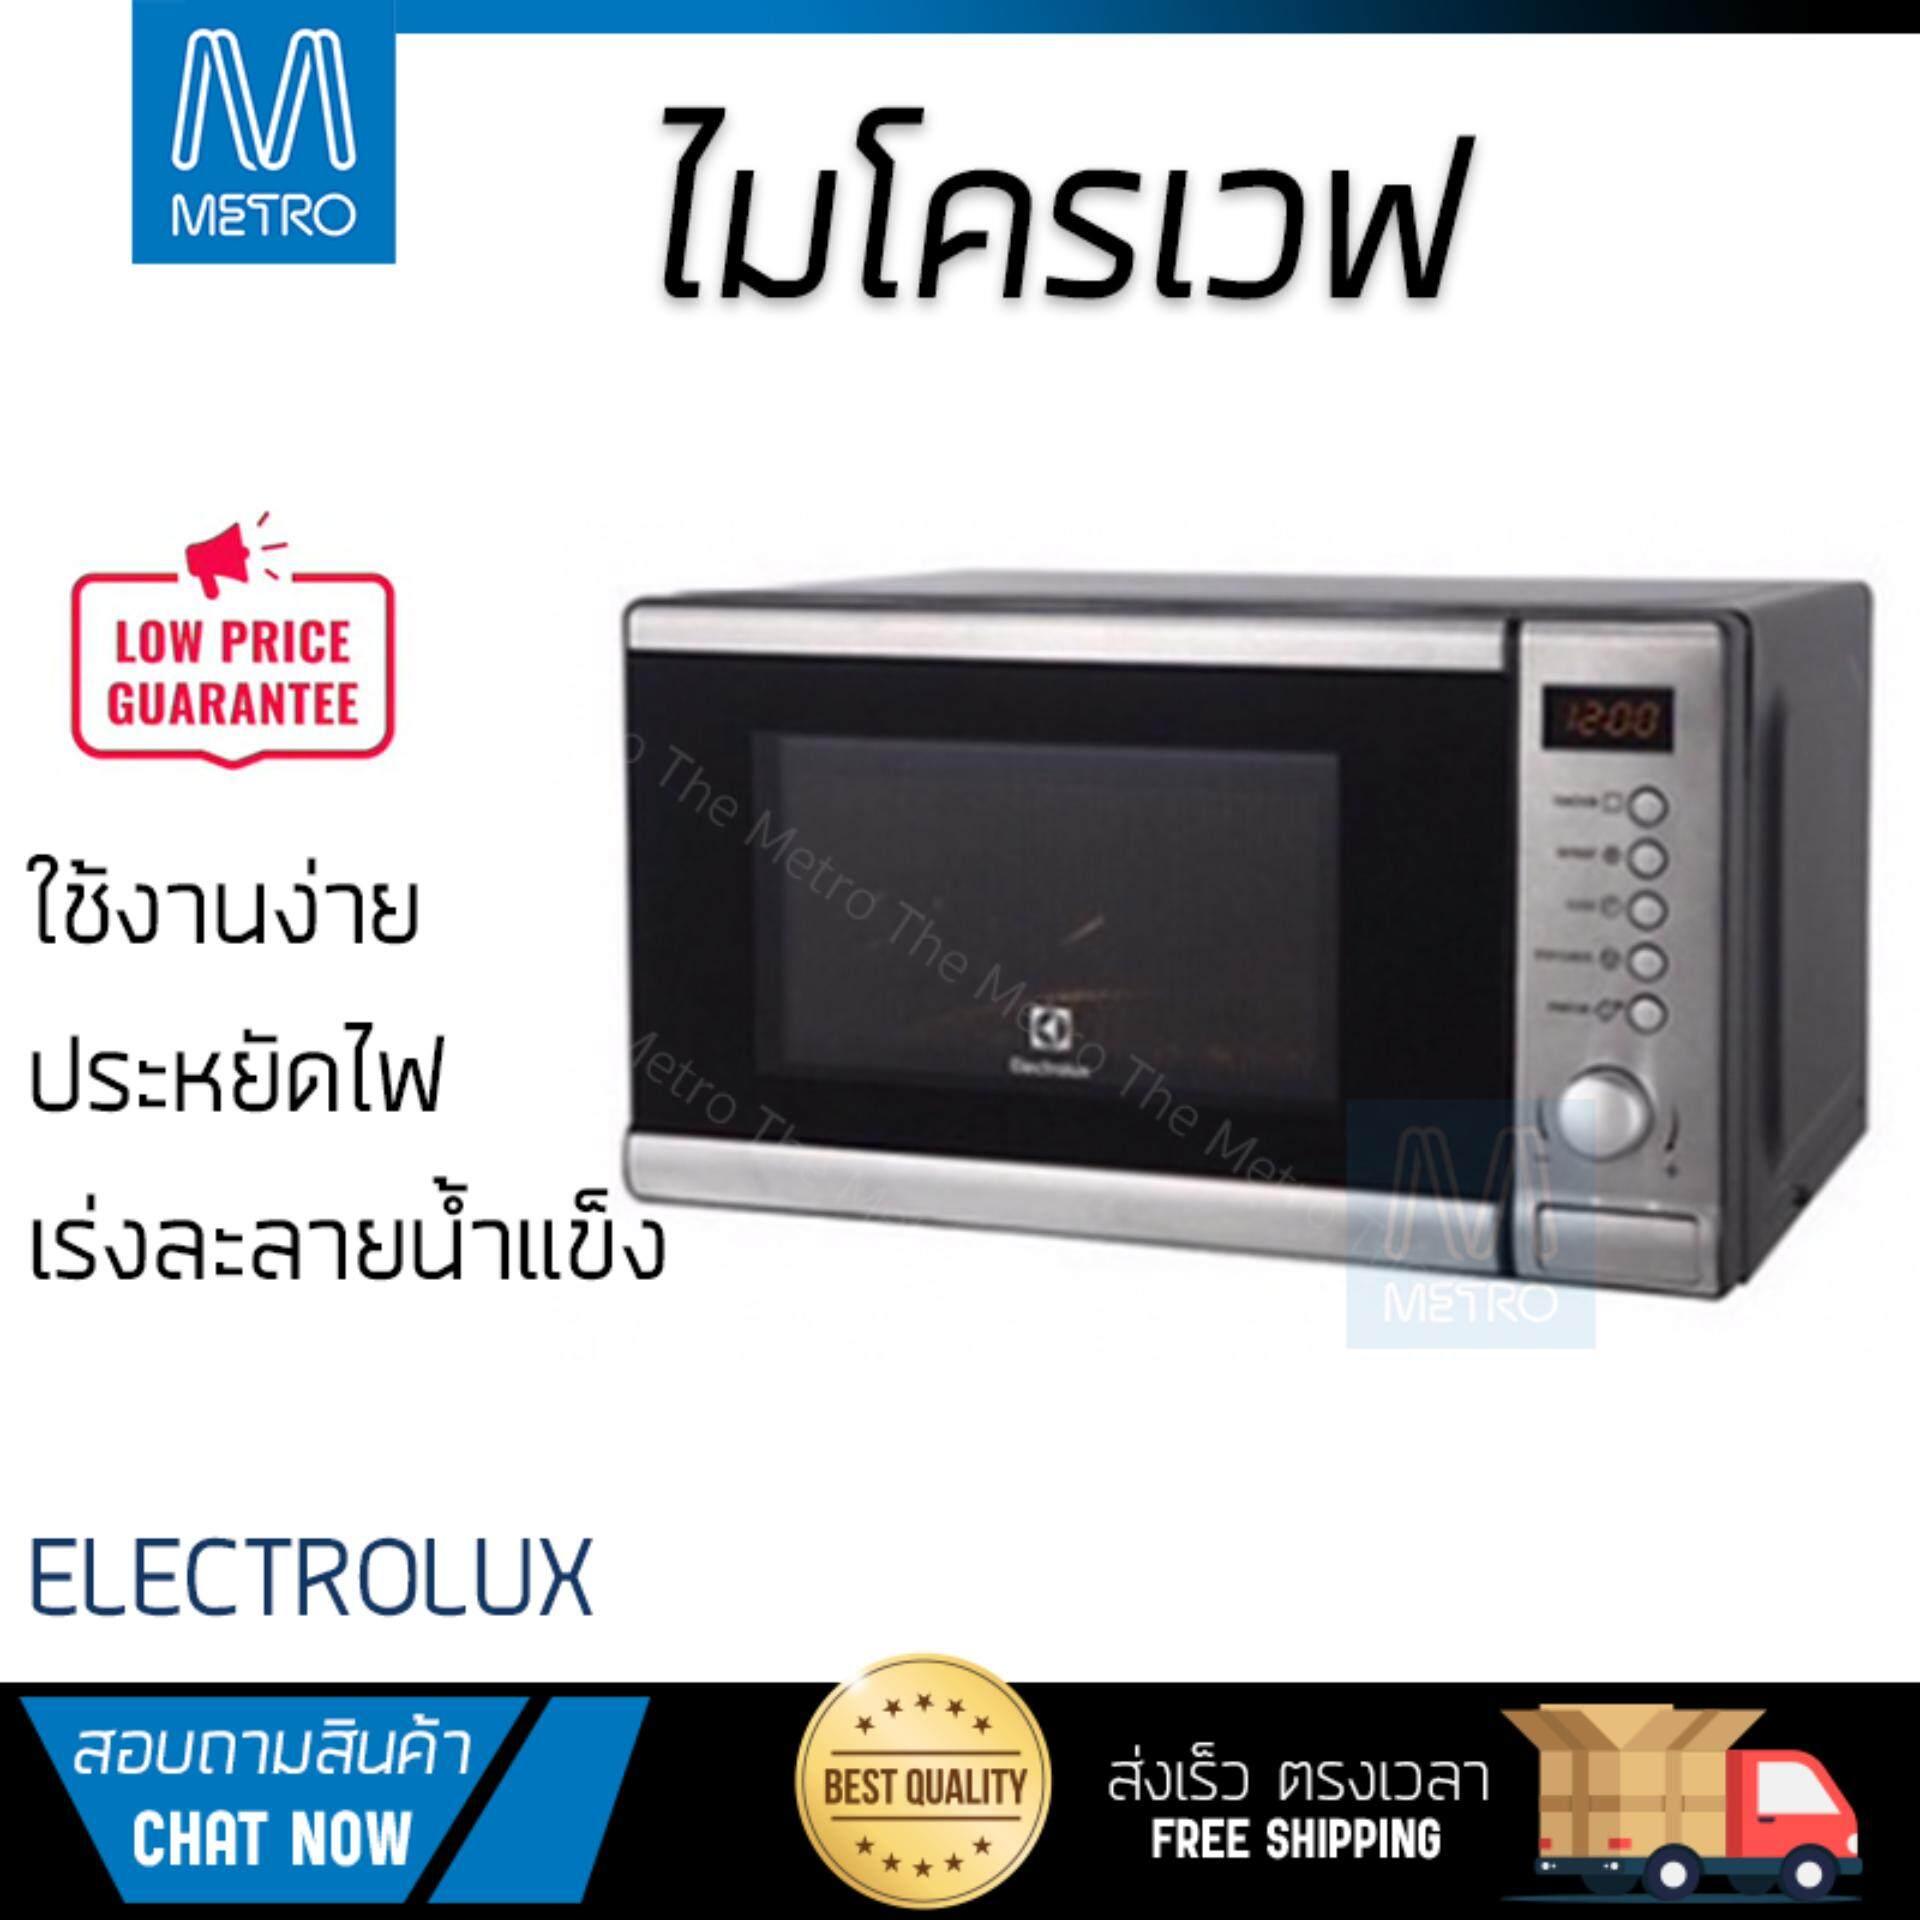 รุ่นใหม่ล่าสุด ไมโครเวฟ เตาอบไมโครเวฟ ไมโครเวฟ ดิจิตอล ELECTROLUX EMS2027GX 20L   ELECTROLUX   EMS2027GX ปรับระดับความร้อนได้หลายระดับ  มีฟังก์ชันละลายน้ำแข็ง ใช้งานง่าย Microwave จัดส่งฟรีทั่วประเทศ